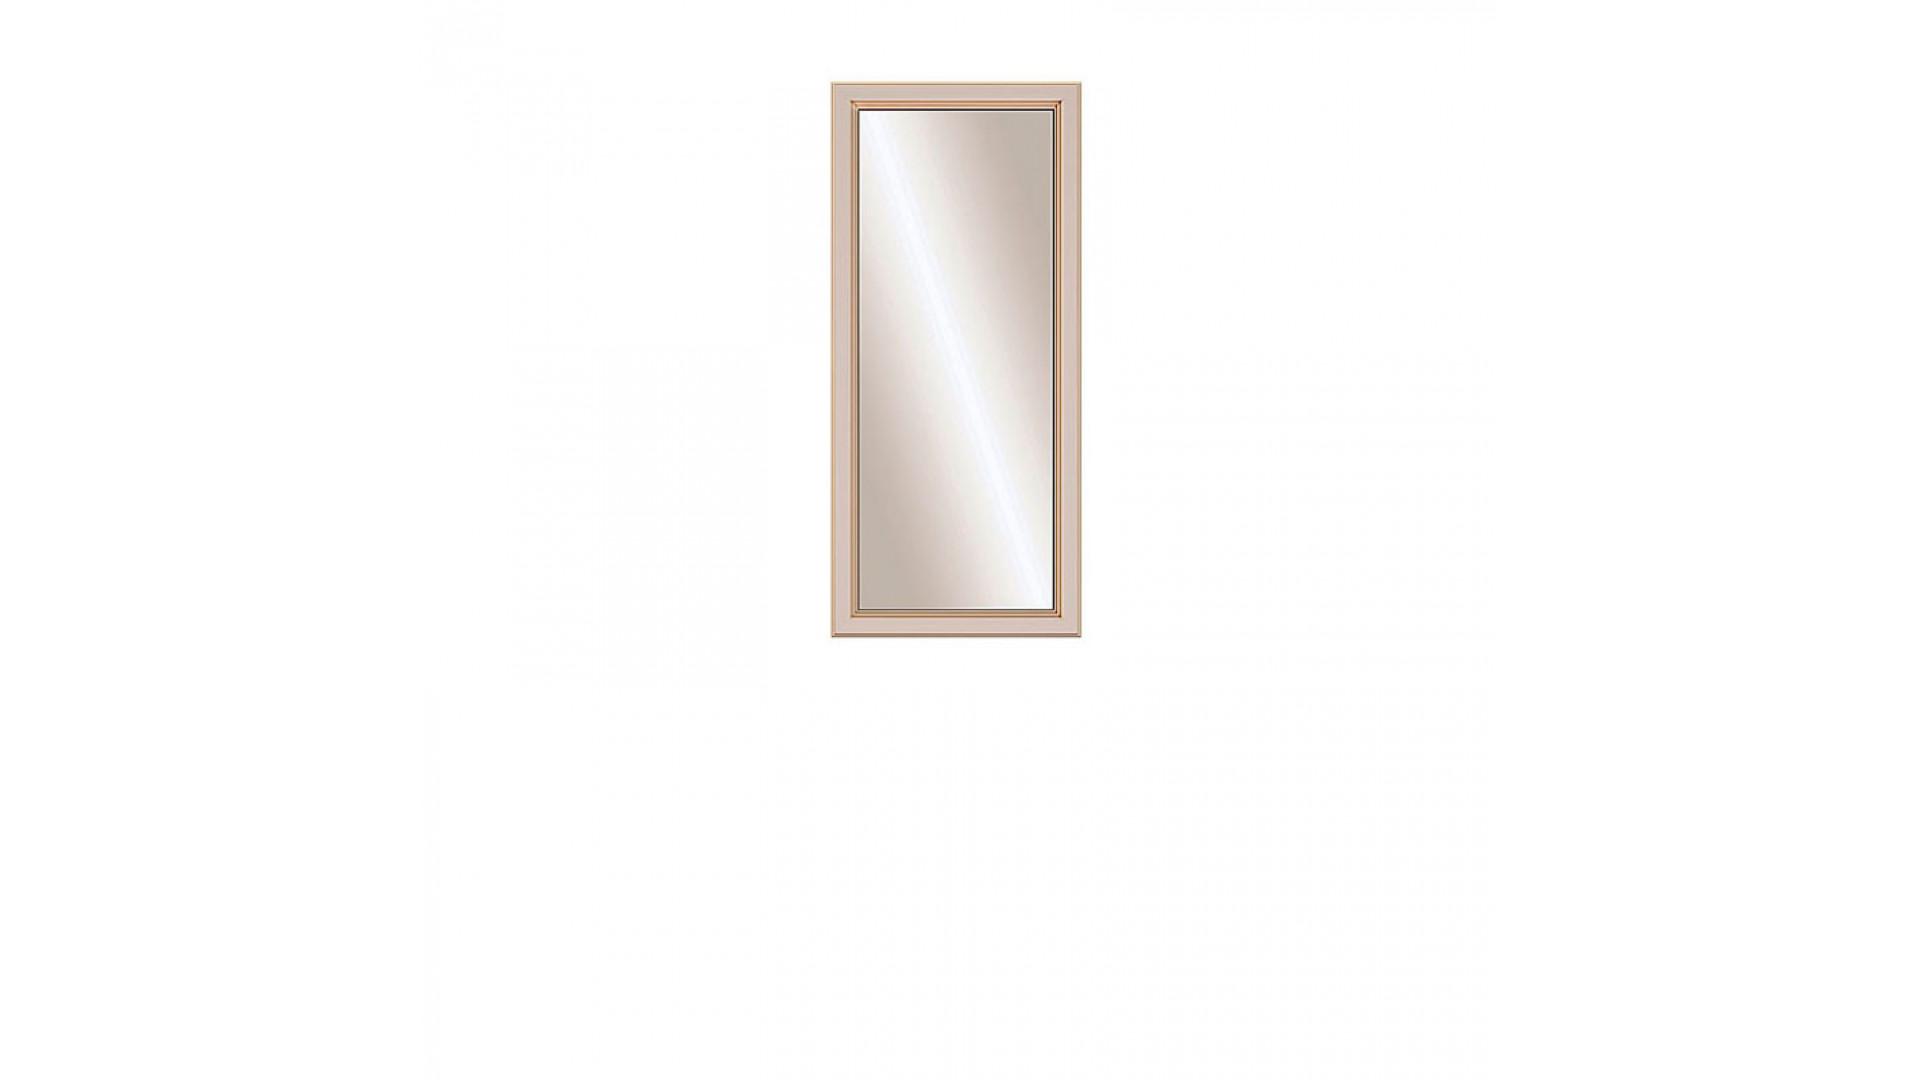 зеркало над тумбой высокой Кураж Сиена